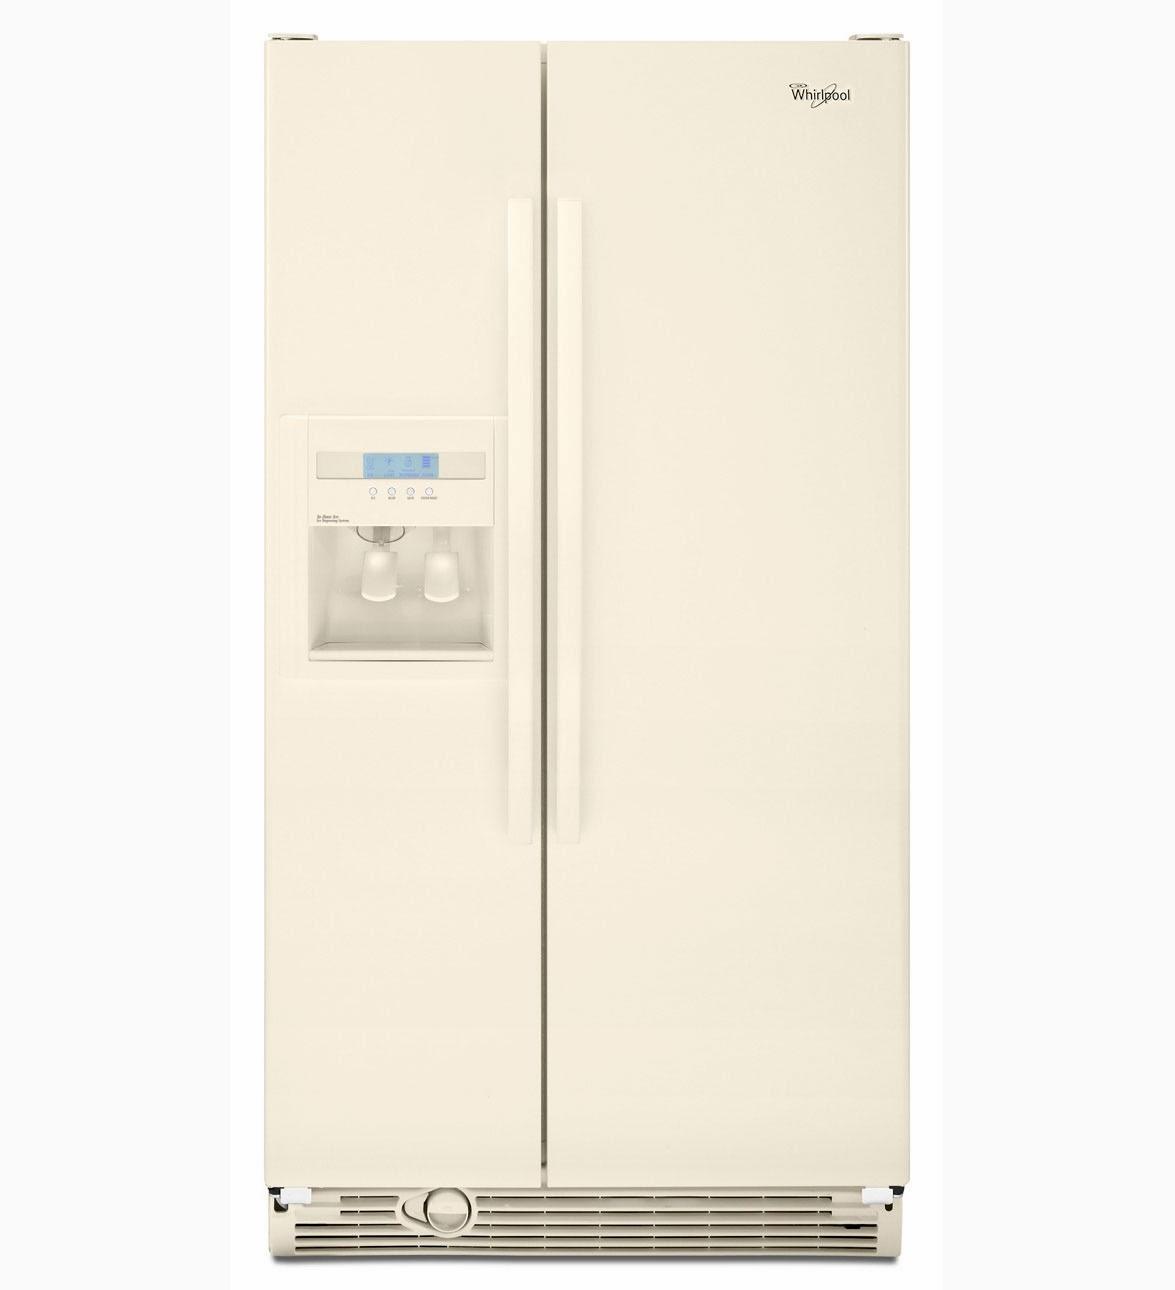 ice maker dispenser wiring diagram ice get free image ge refrigerator water dispenser troubleshooting repair ge profile refrigerator water dispenser [ 1175 x 1290 Pixel ]